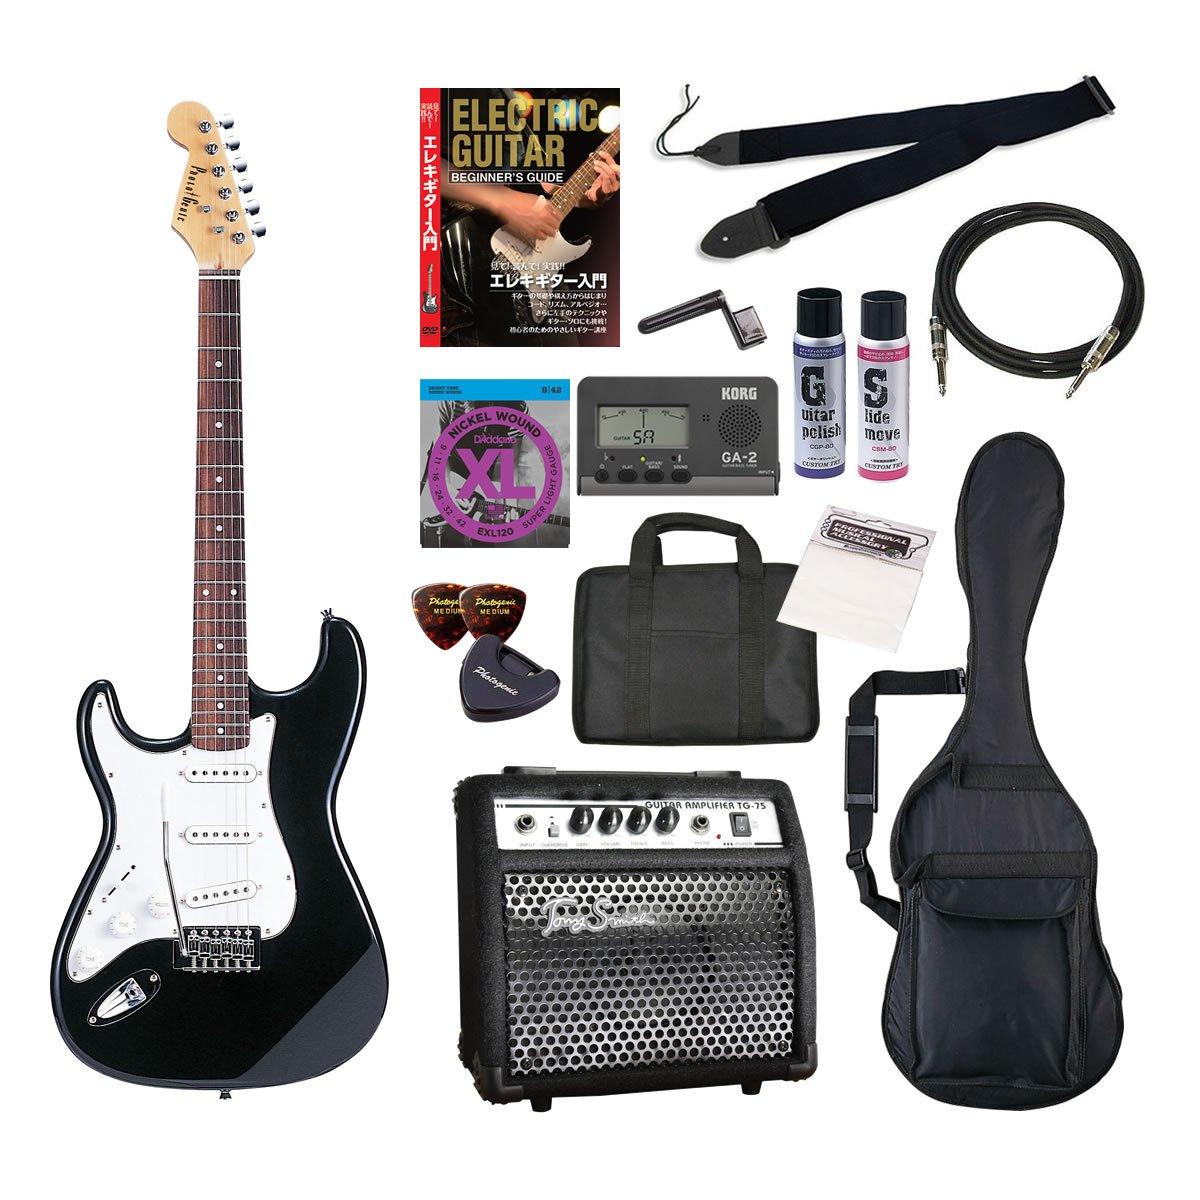 PhotoGenic エレキギター 初心者入門年始セット ストラトキャスタータイプ ST-250LH/BK ブラック 左利きモデル B009HOKXTI ブラック